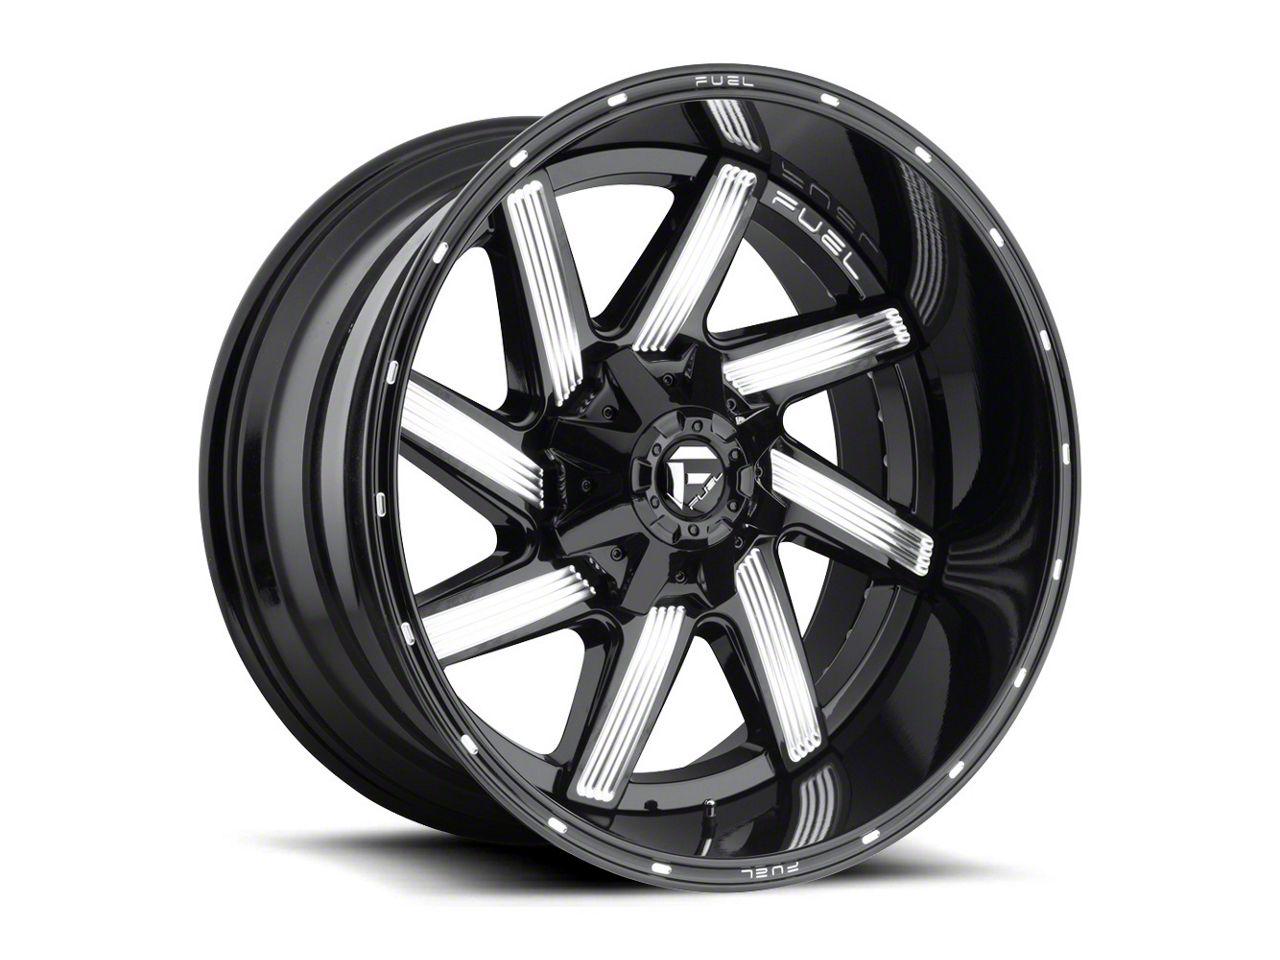 Fuel Wheels Moab Gloss Black Milled 6-Lug Wheel - 20x10 (99-18 Silverado 1500)